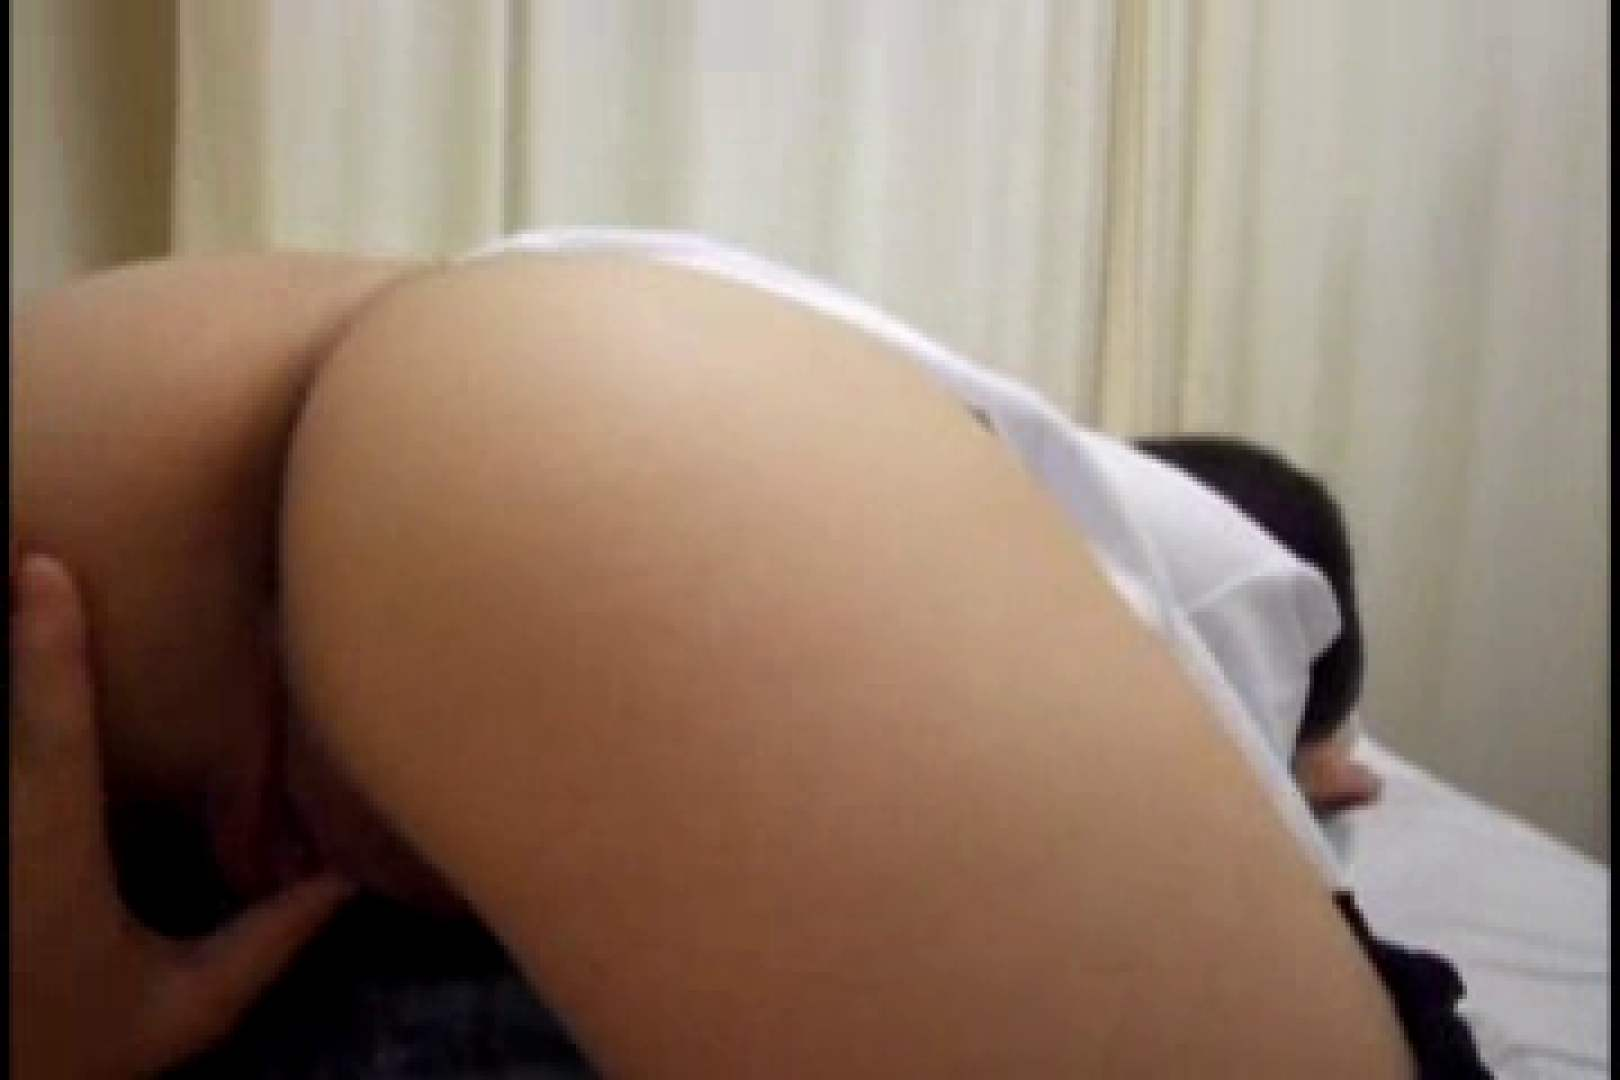 ヤリマンと呼ばれた看護士さんvol2 0   OL  88画像 24